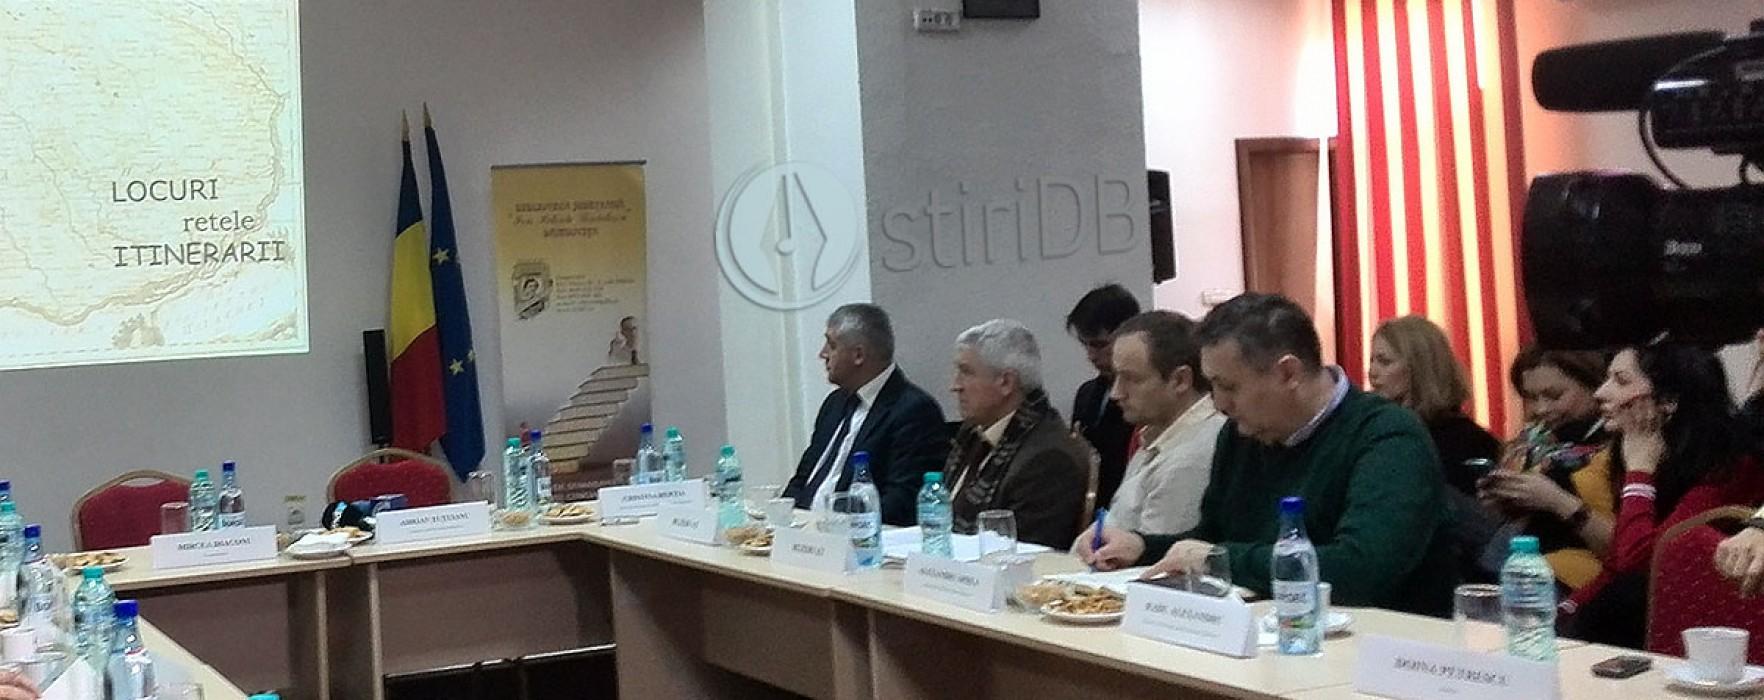 Mircea Diaconu: Curtea de Argeş, Câmpulung şi Târgovişte pot fi promovate cu bani europeni